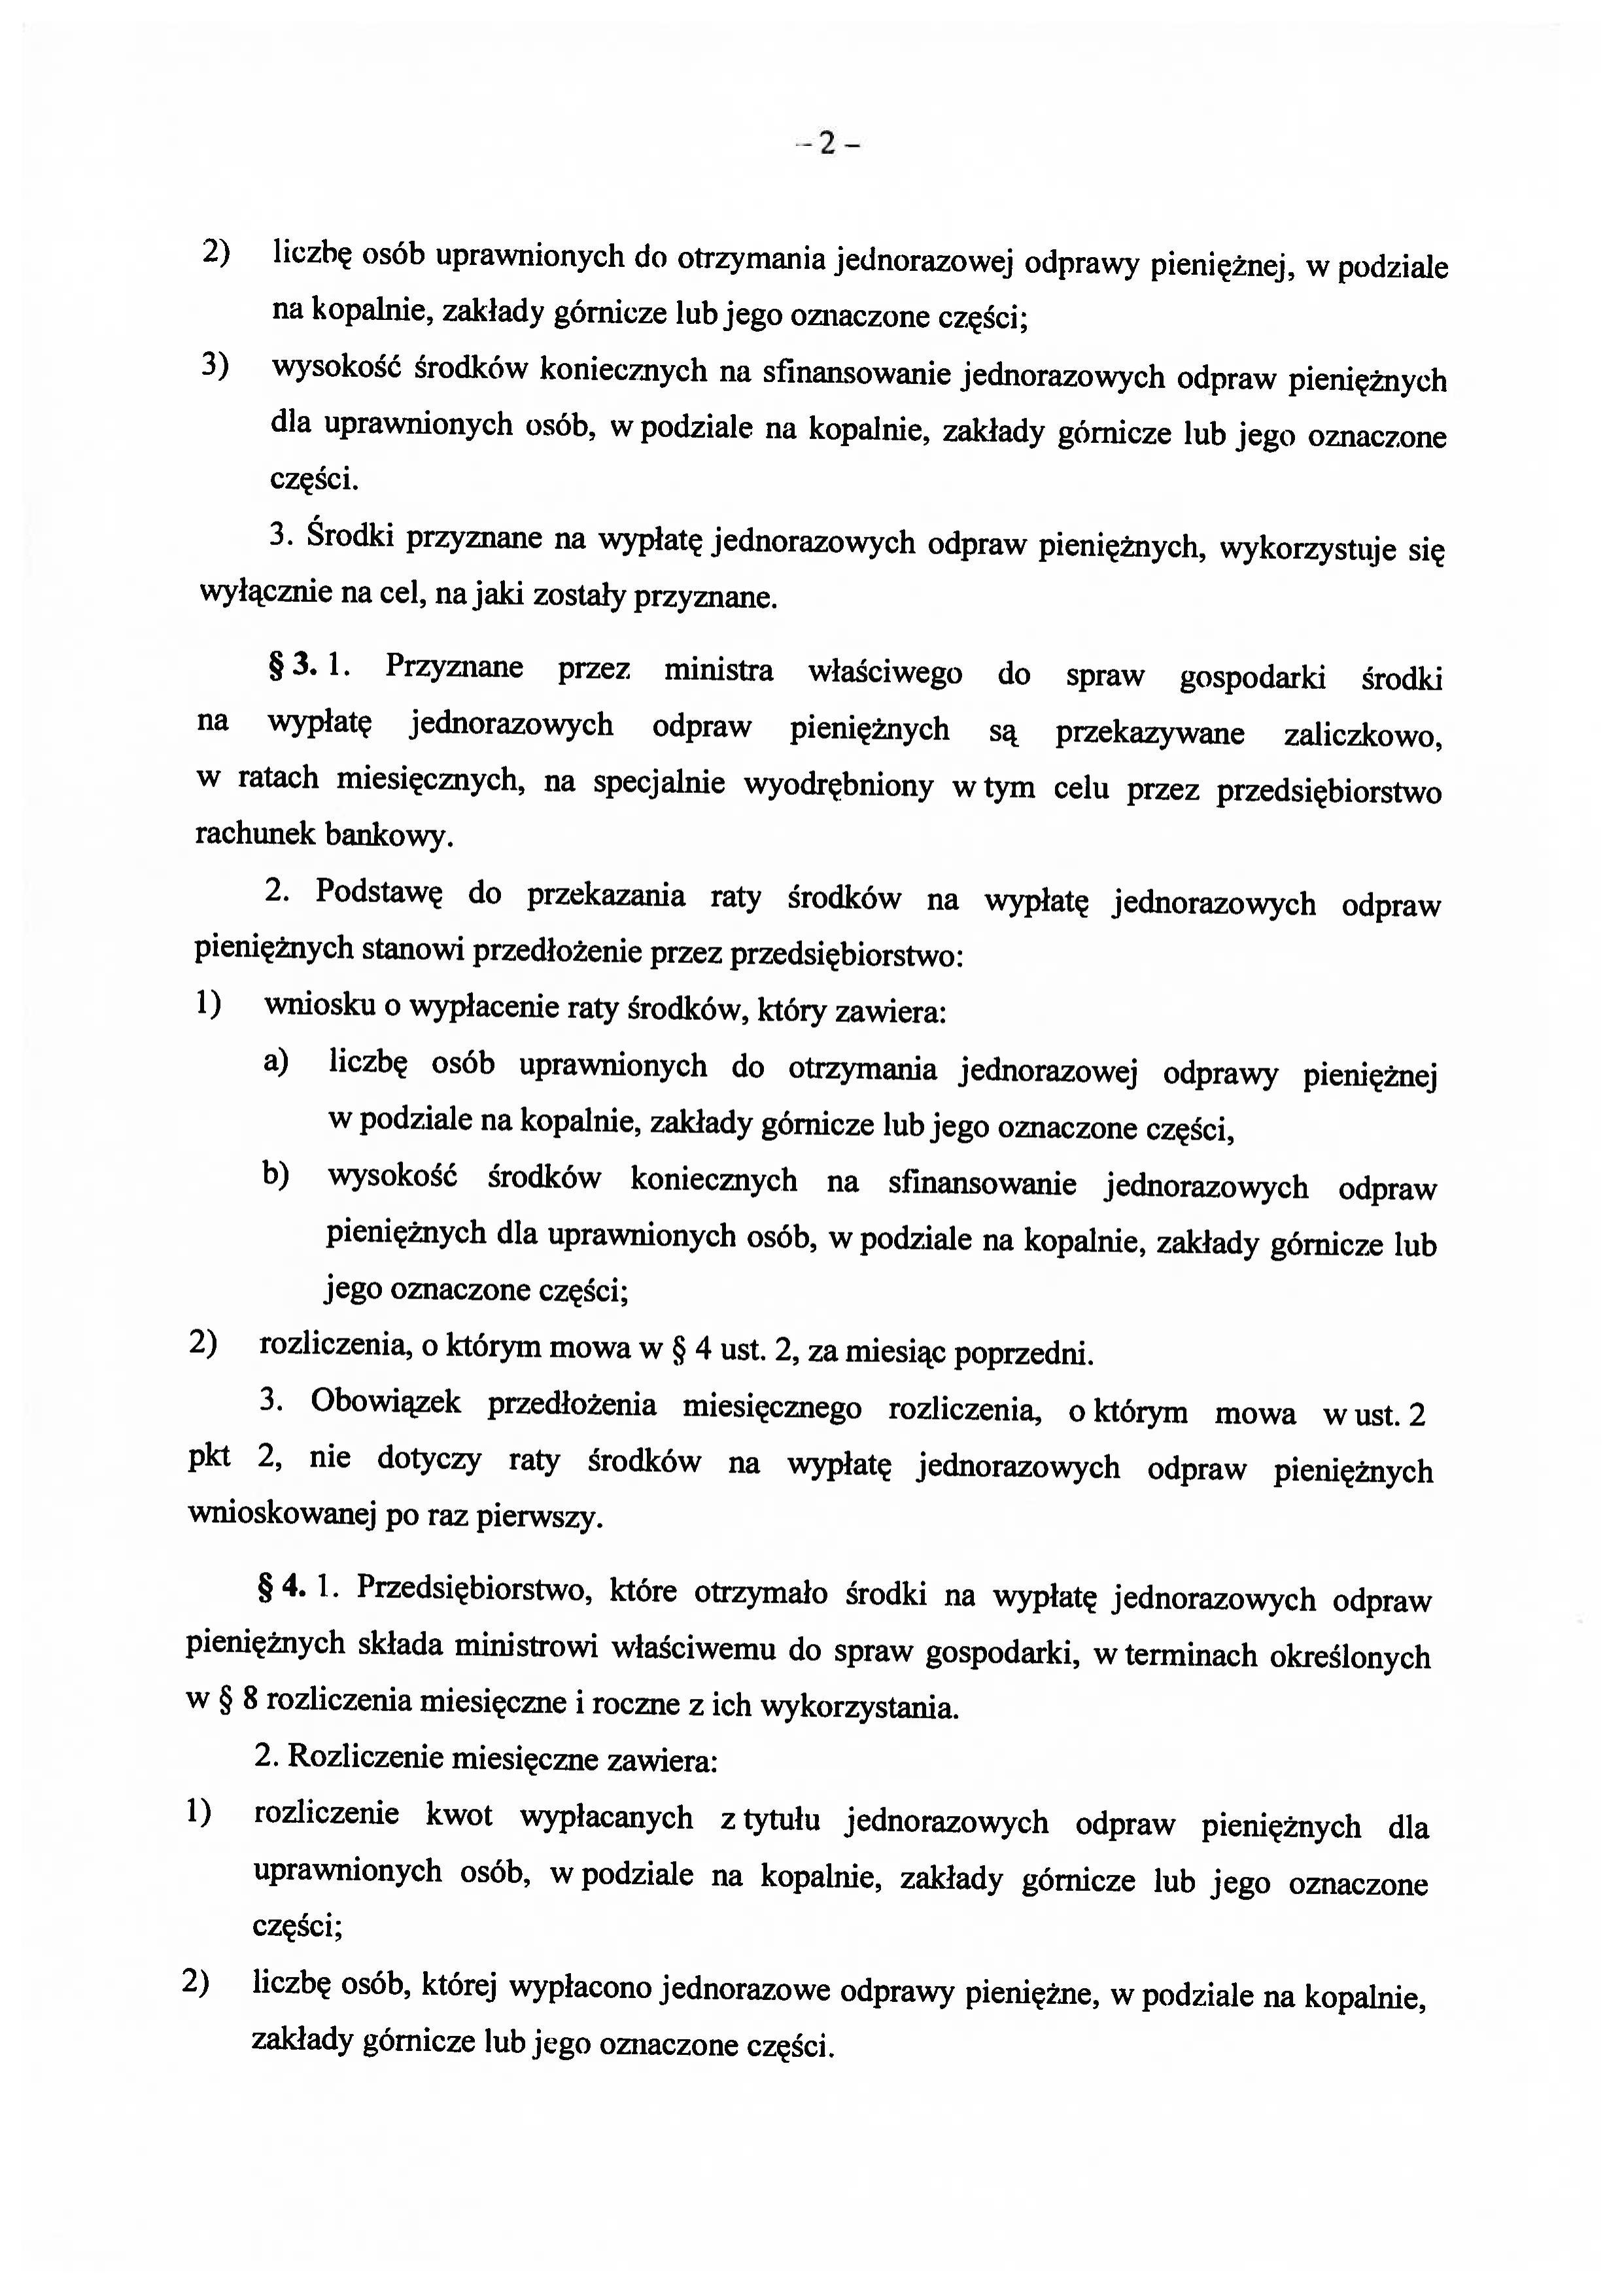 Roz-odpr-30-03-2015-dokument157156_02